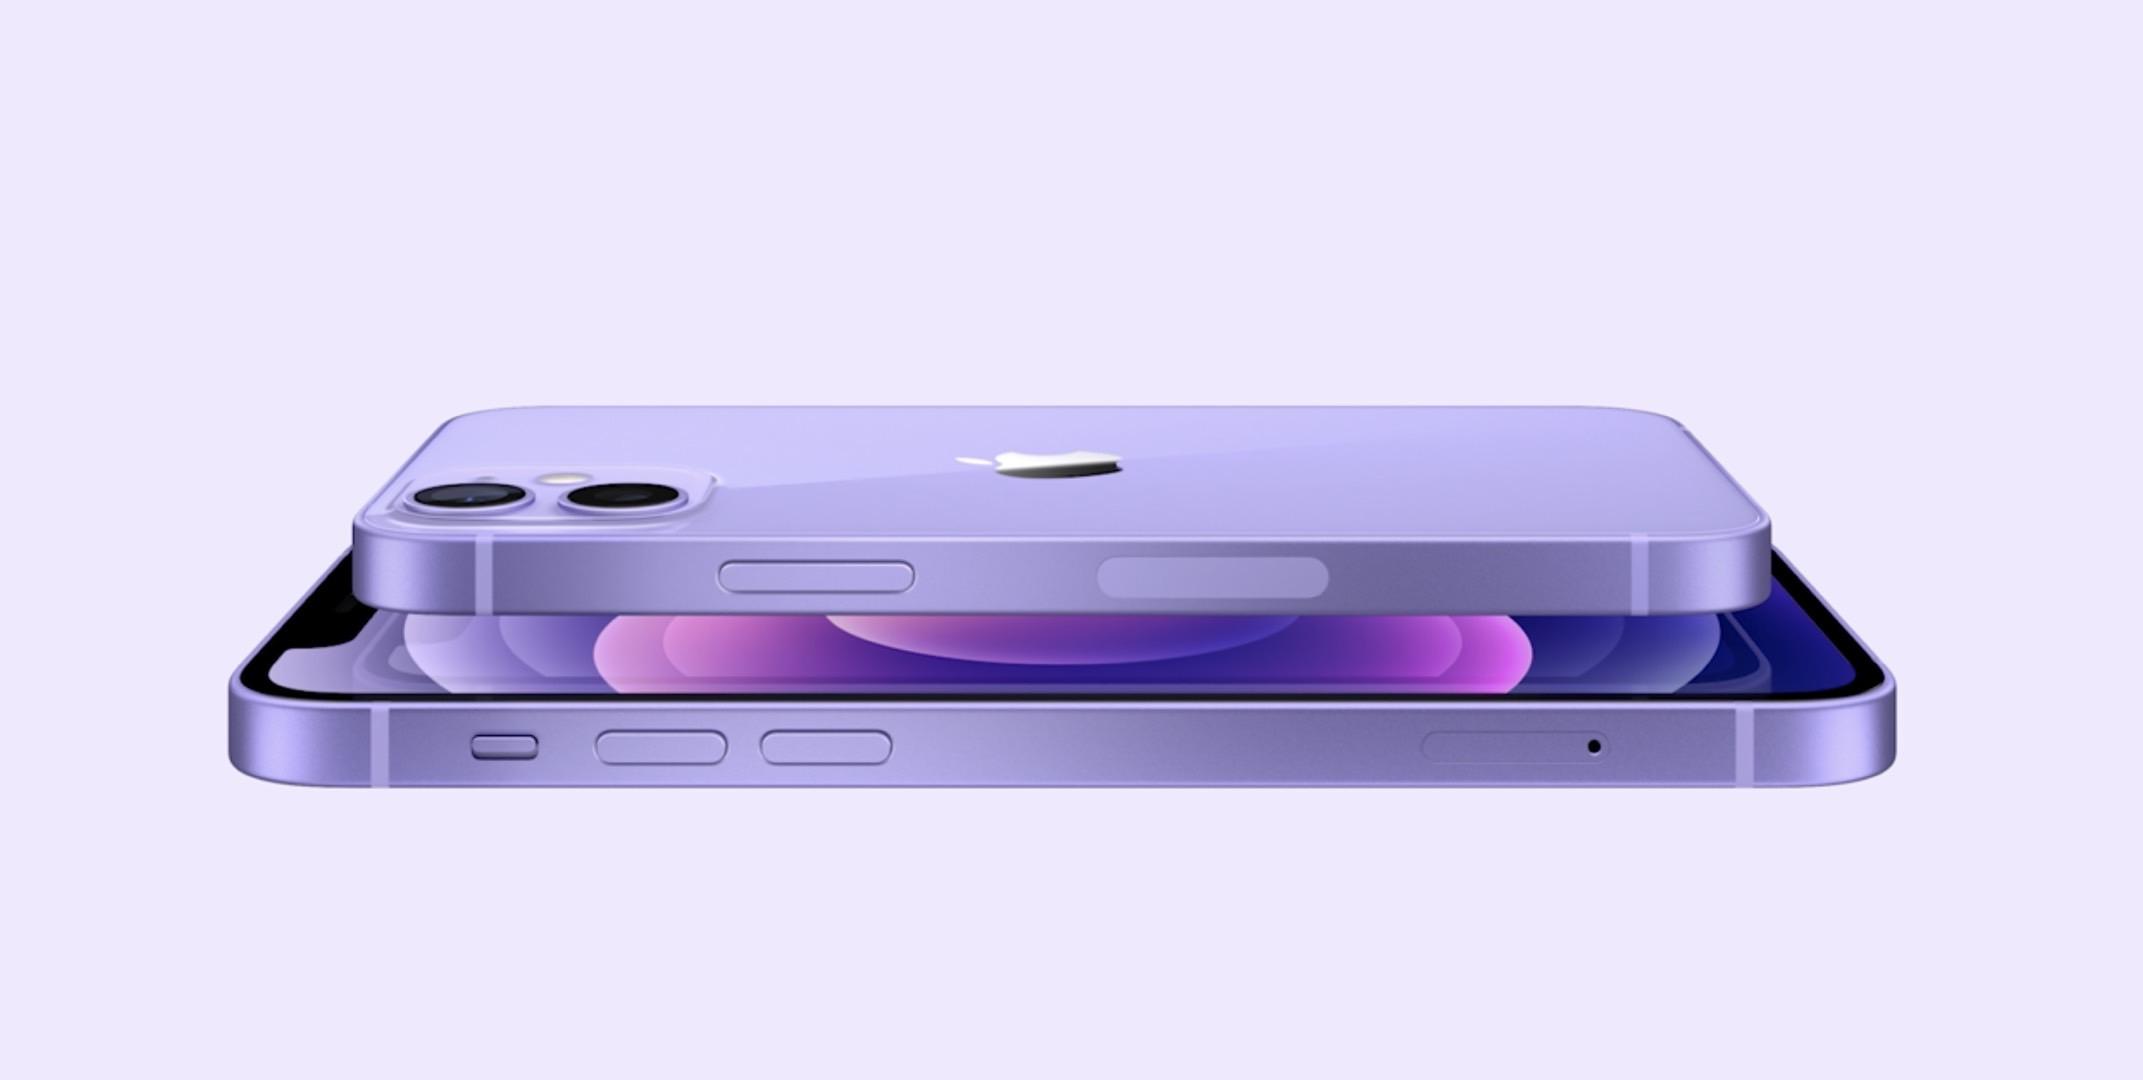 苹果为iPhone 12用户部分机型提供免费检修  苹果为iPhone 12用户部分机型提供免费检修